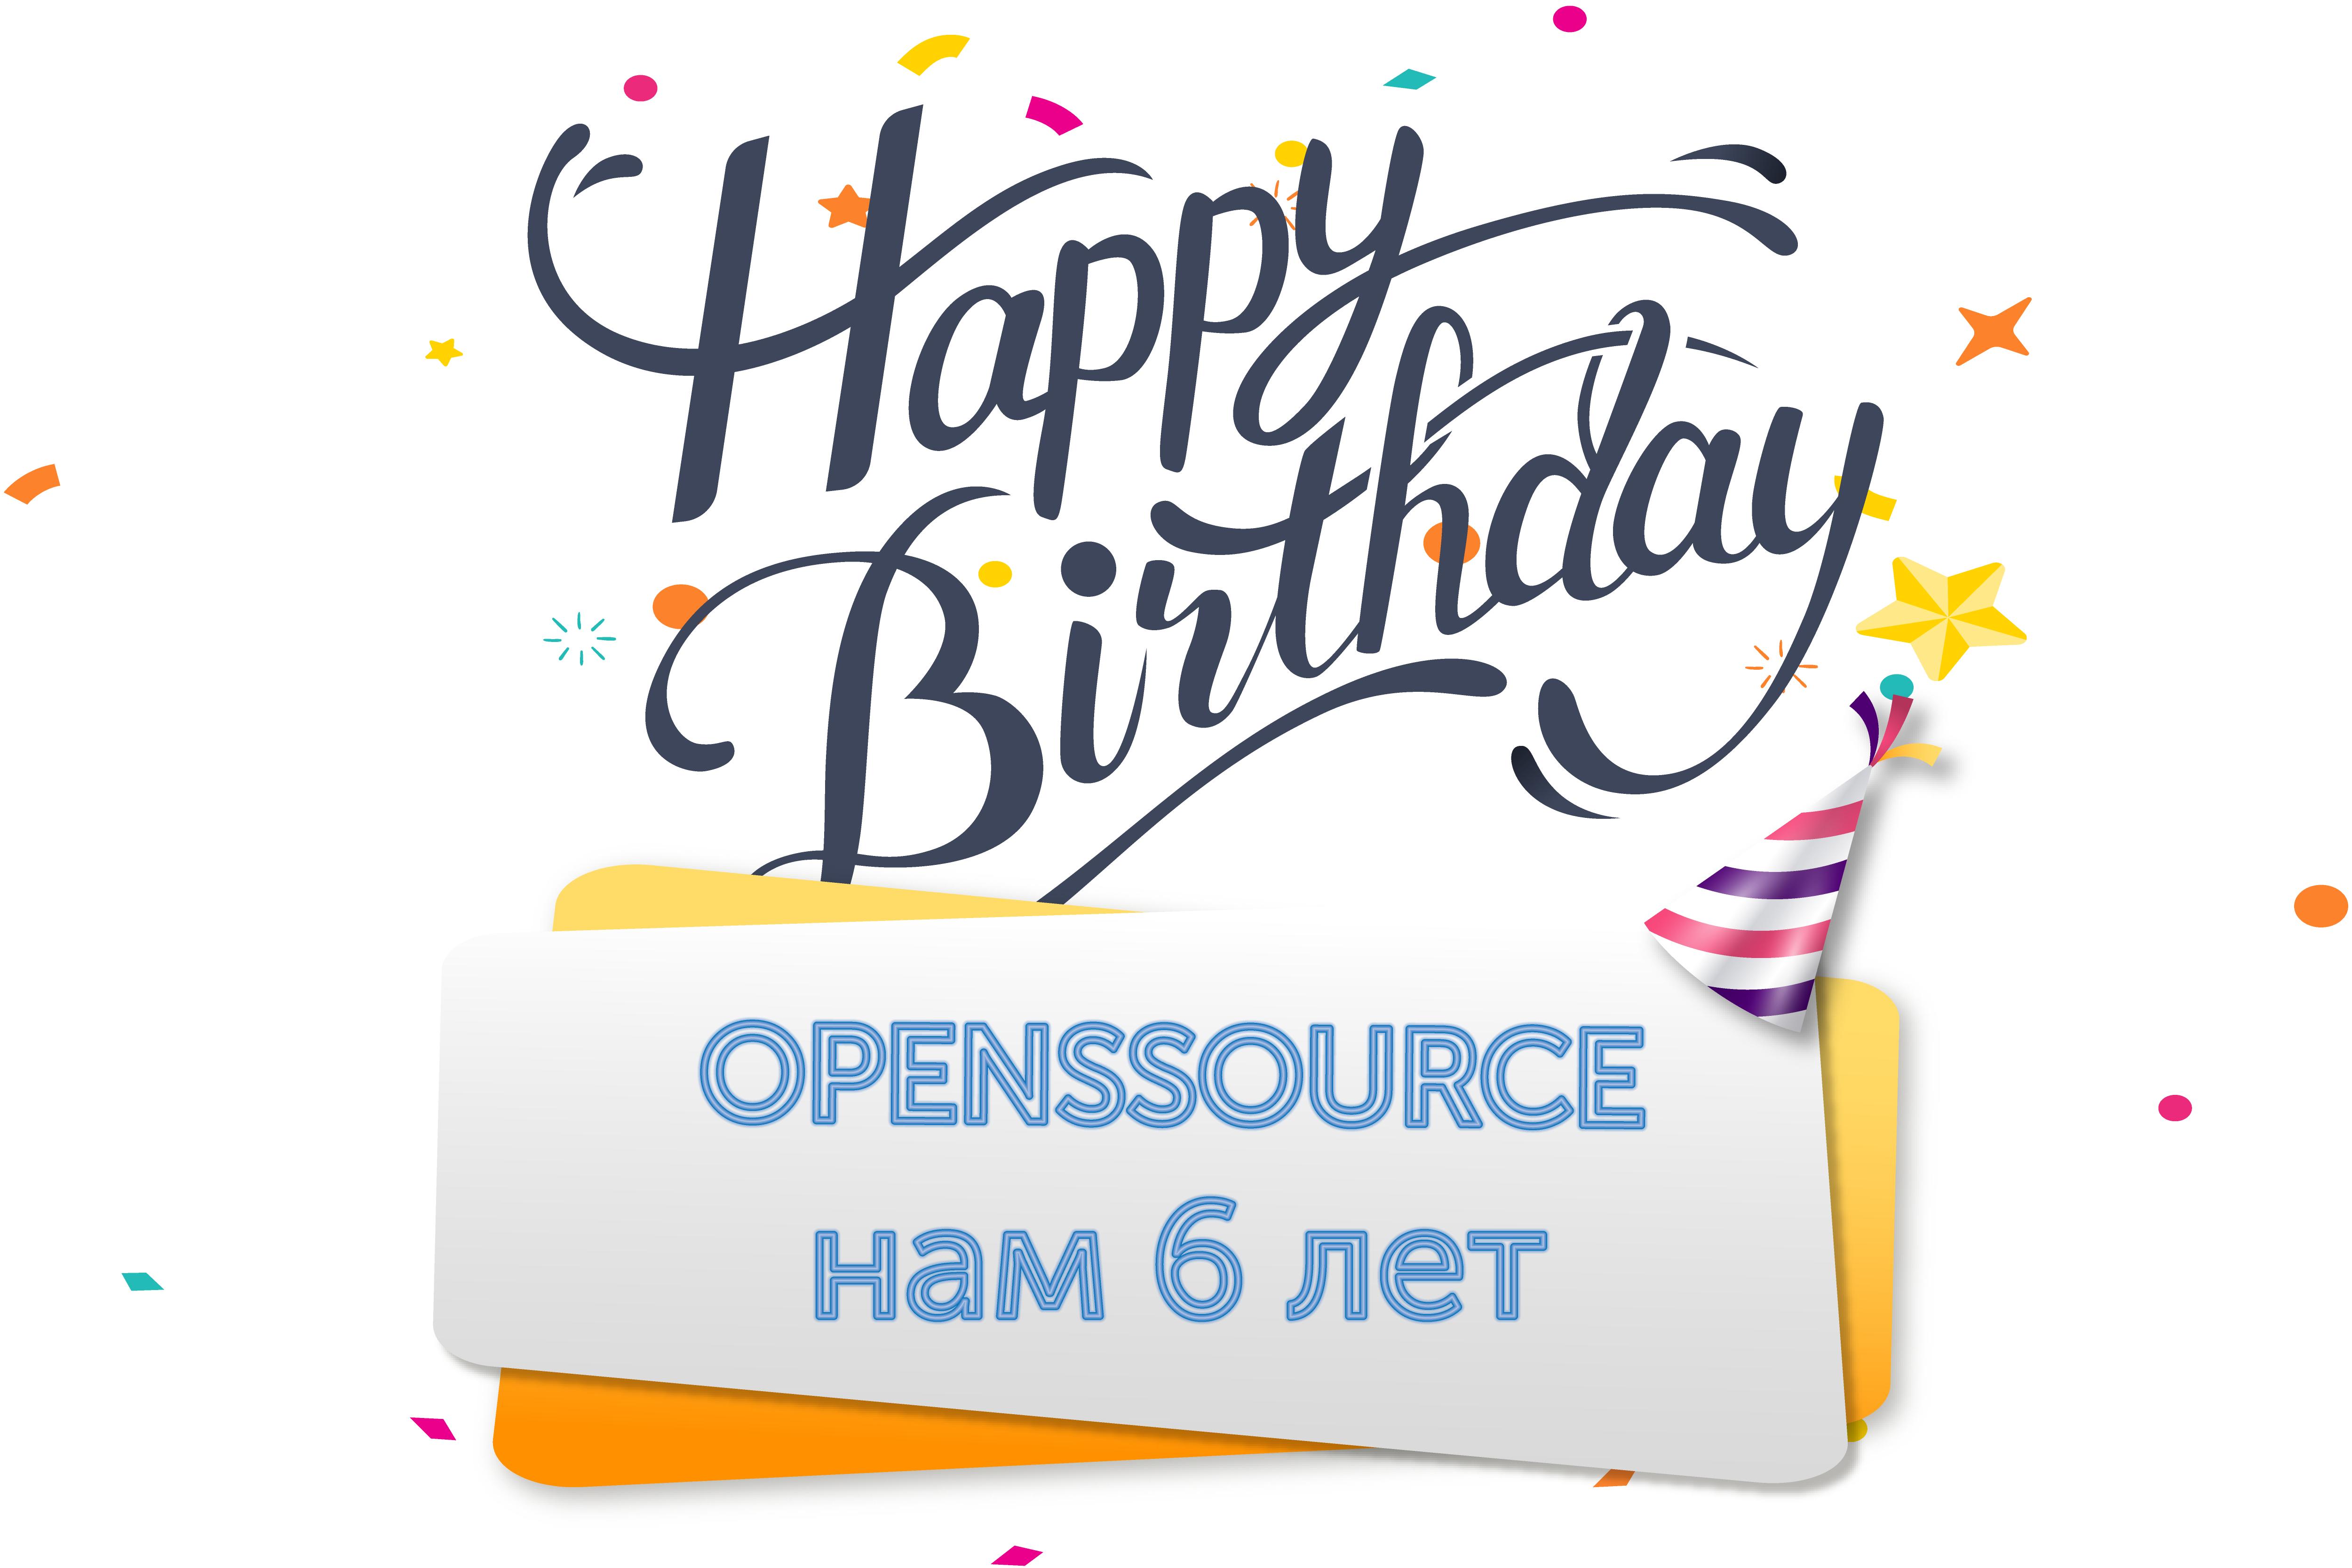 27543603 Проекту OPENSSOURCE исполнилось 6 лет! С Днем Рождения! 🎁